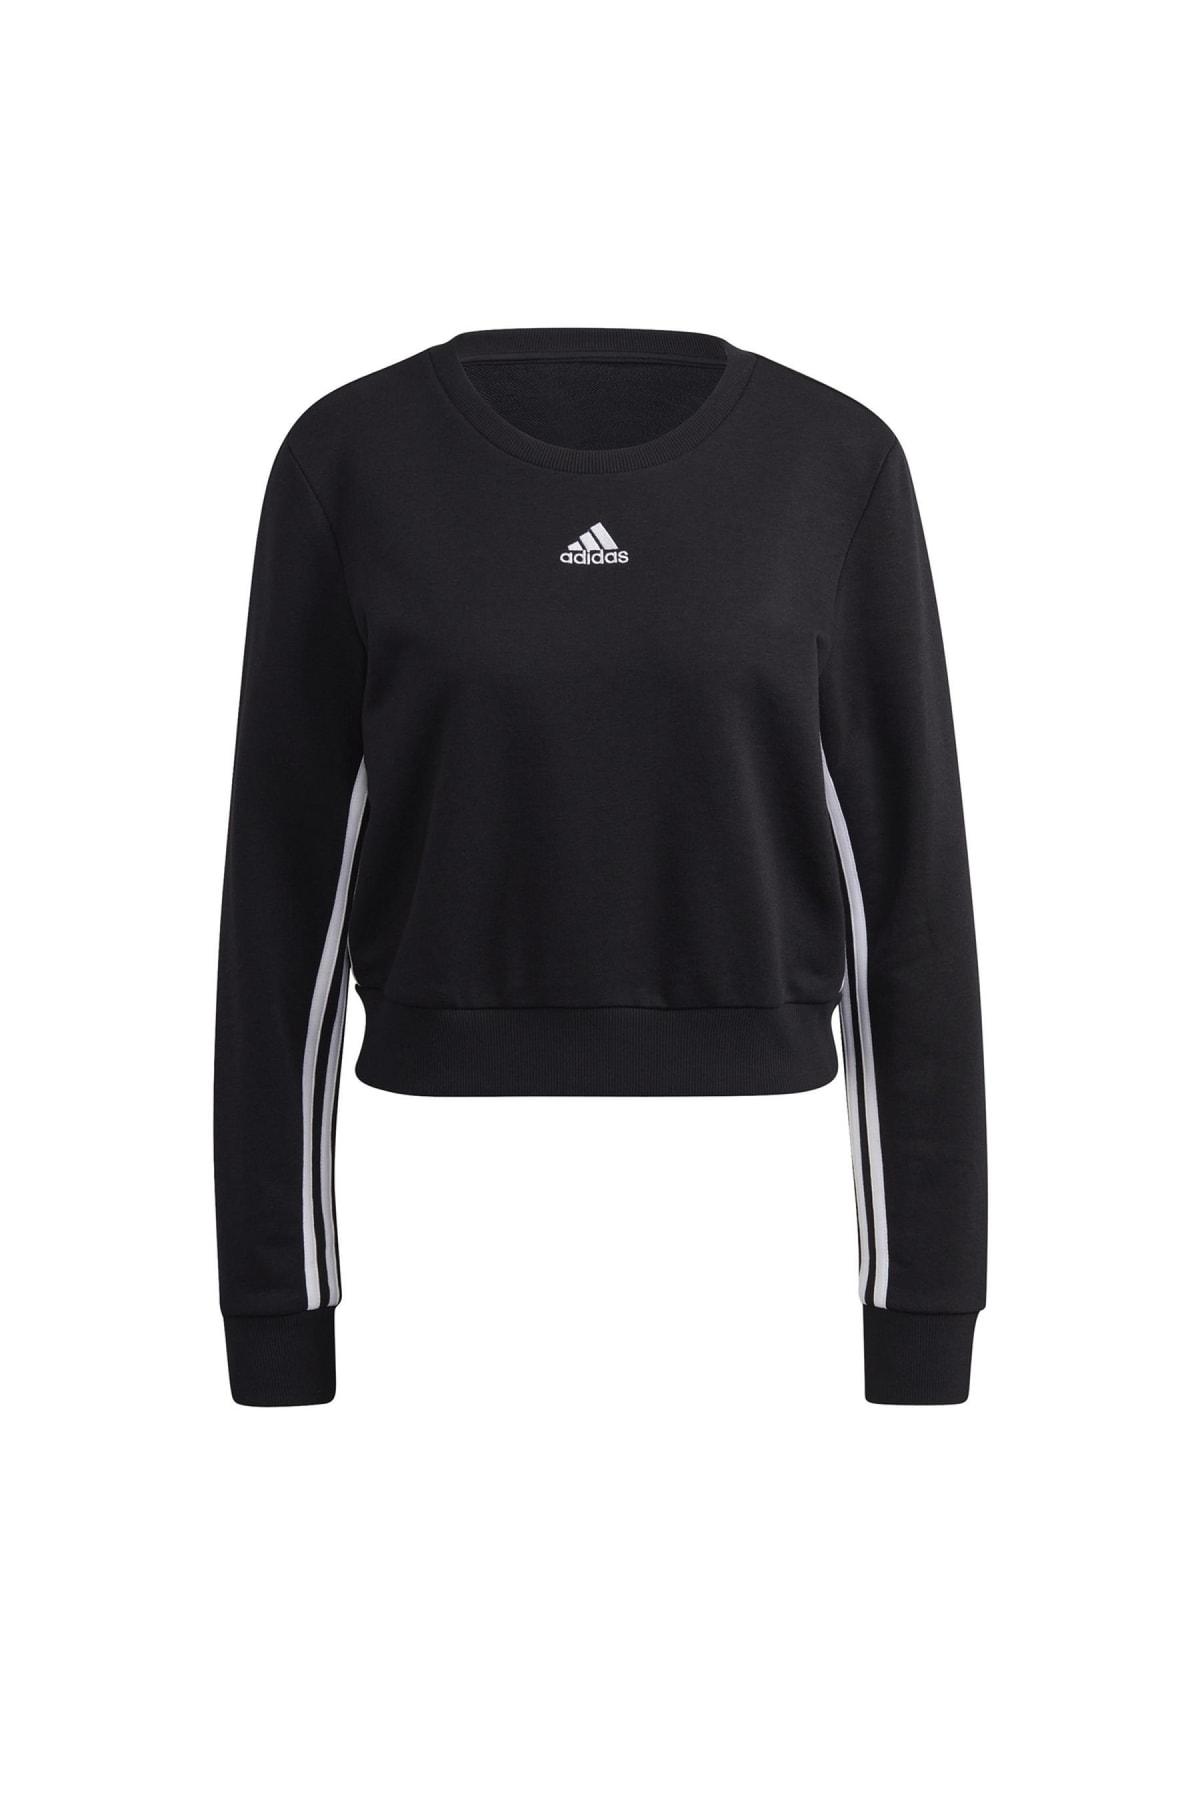 adidas Kadın Sweatshirt W 3S SWT GL1405 0